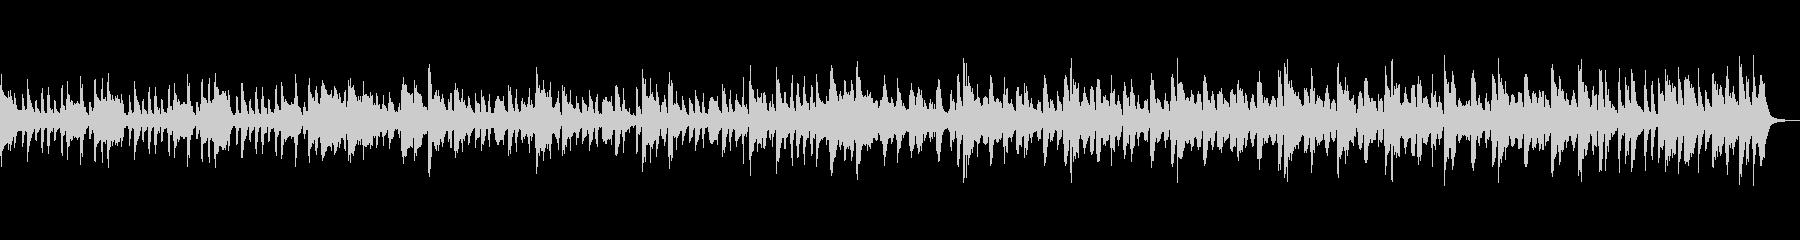 シェイク・ストロング、パンシーの未再生の波形